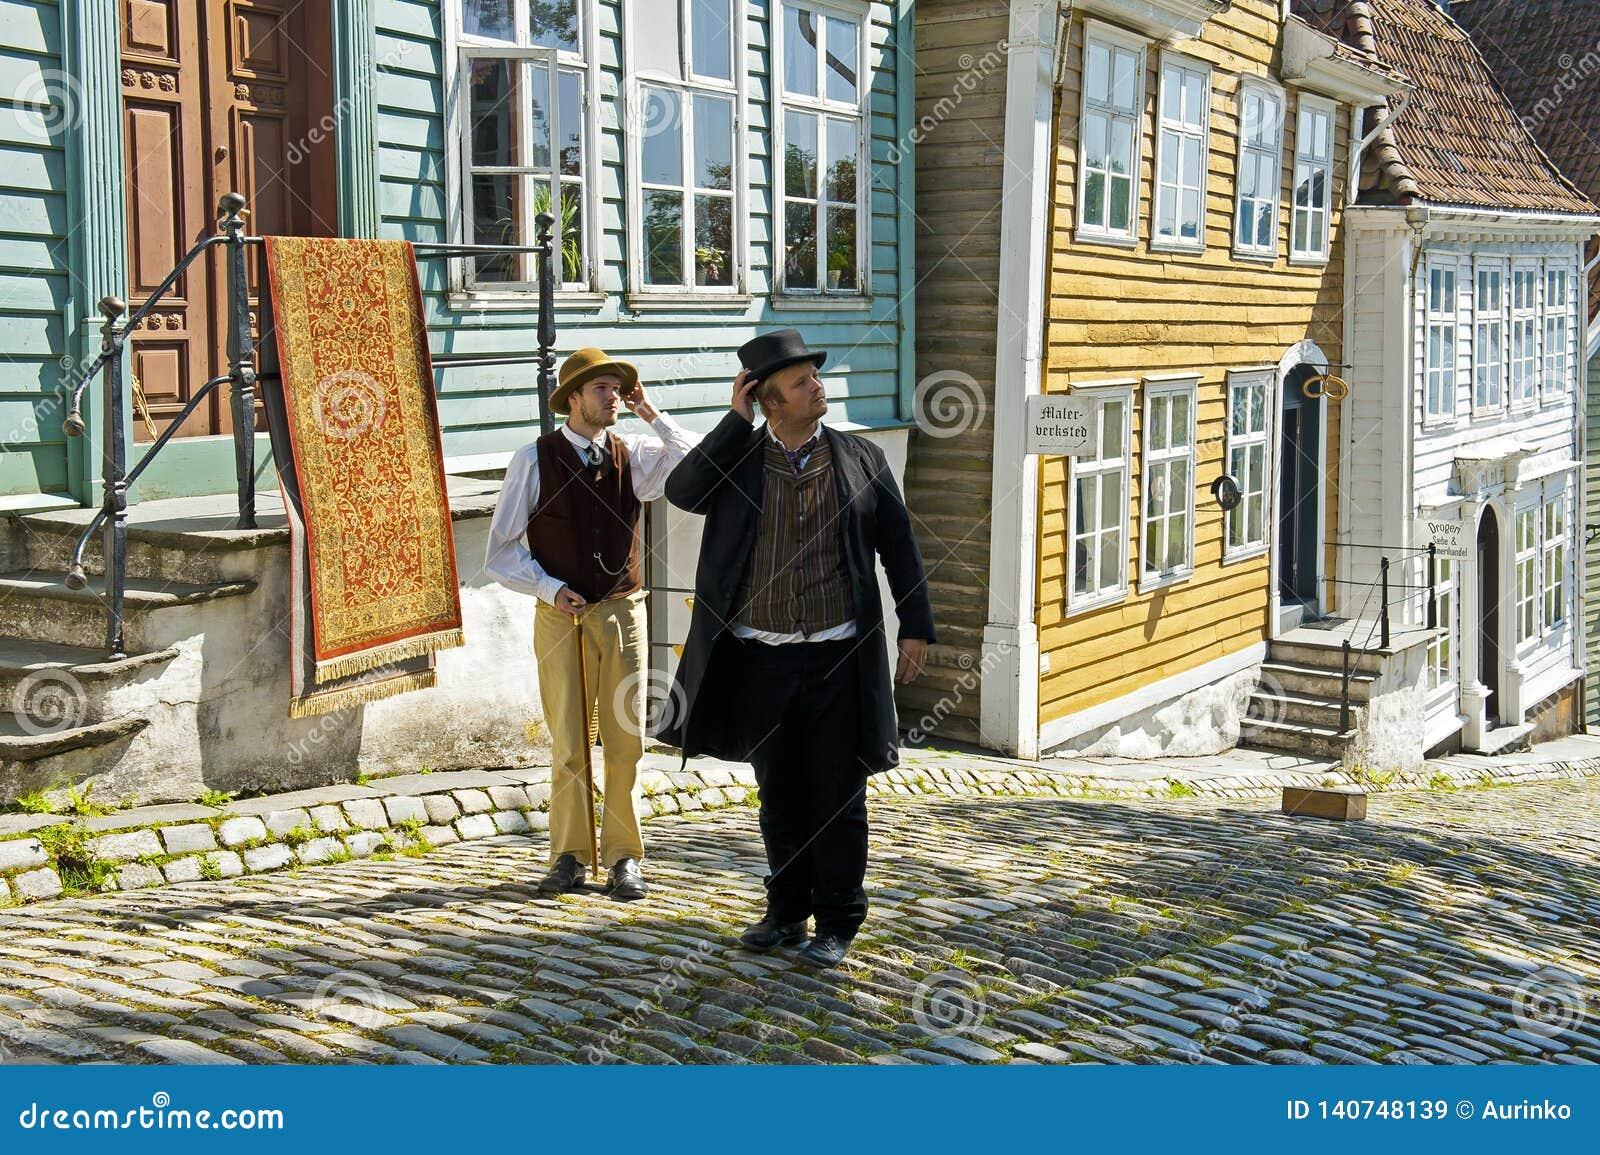 Gamle Bergen Stary muzeum - na wolnym powietrzu muzeum